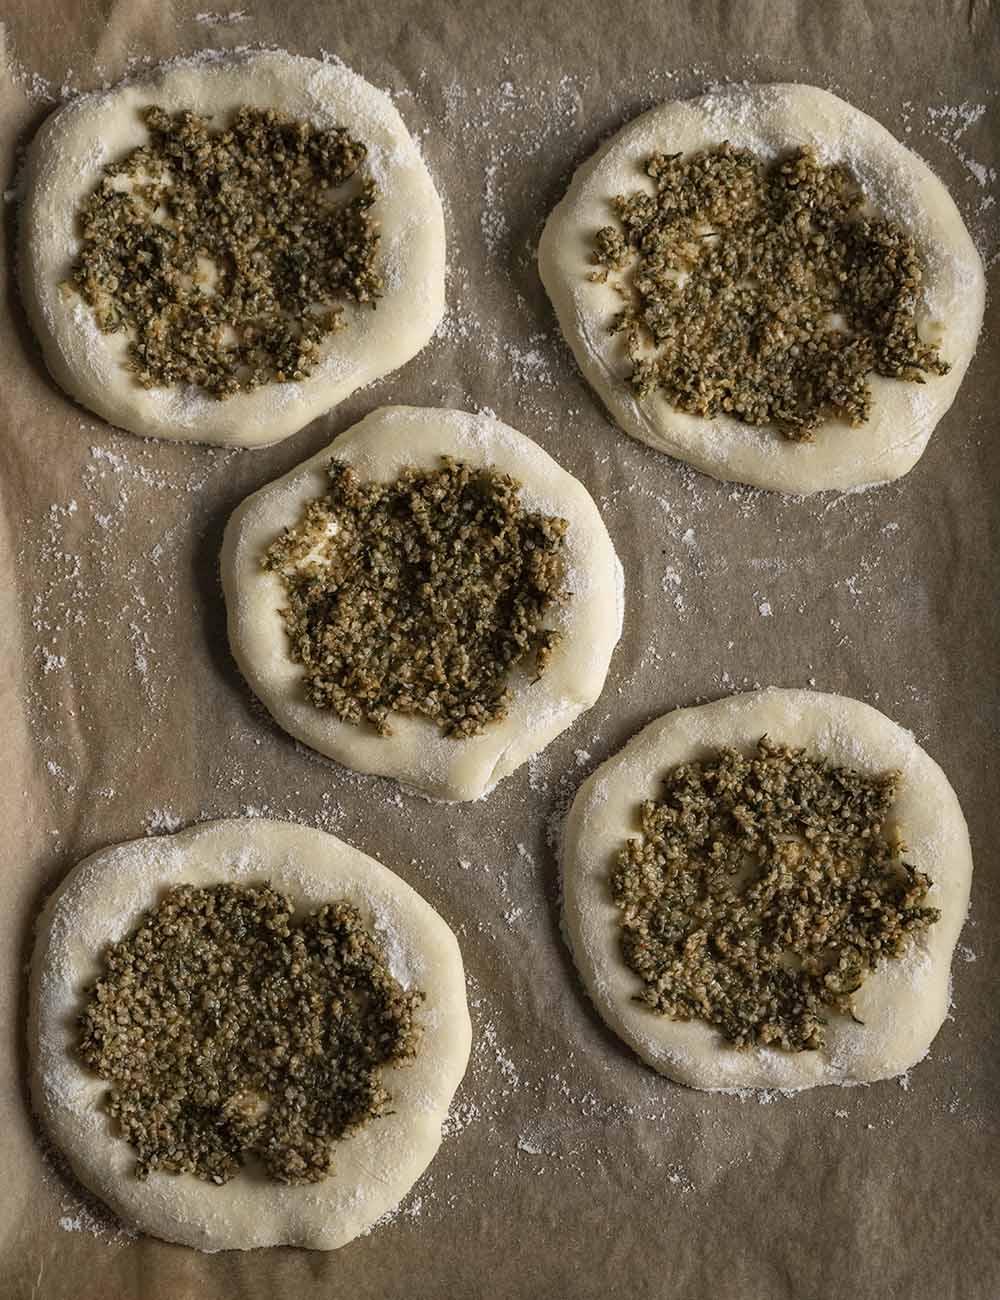 Wir haben usnere Zatar-Brote mit Gewürz eingestrichen und von oben auf dem Backblech fotografiert.